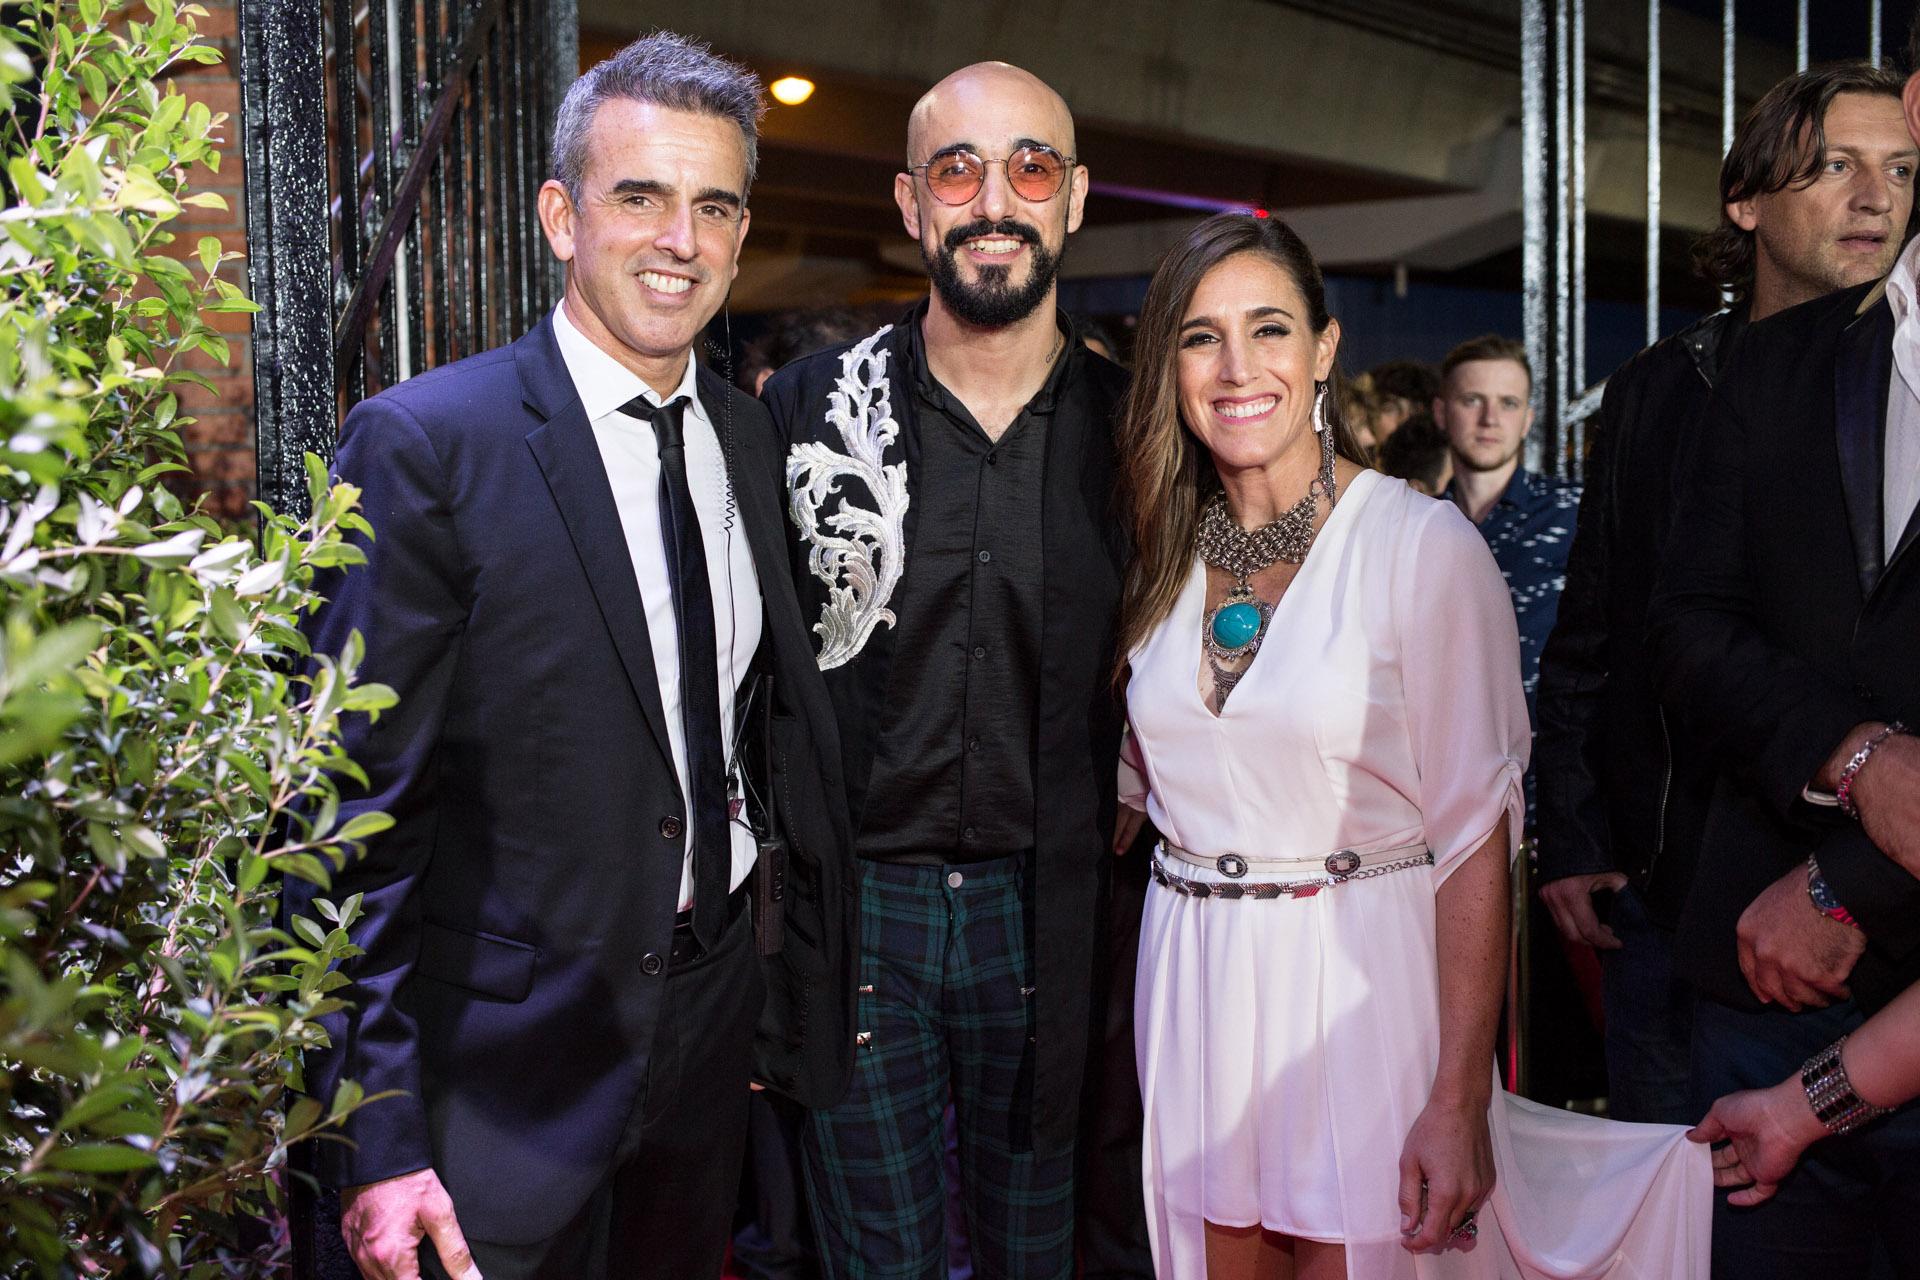 Abel Pintos y Soledad Pastorutti junto a Luis Lons, CEO de Mica 360, productora que trajo los Latin Grammy Acoustic Sesiones a la Argentina